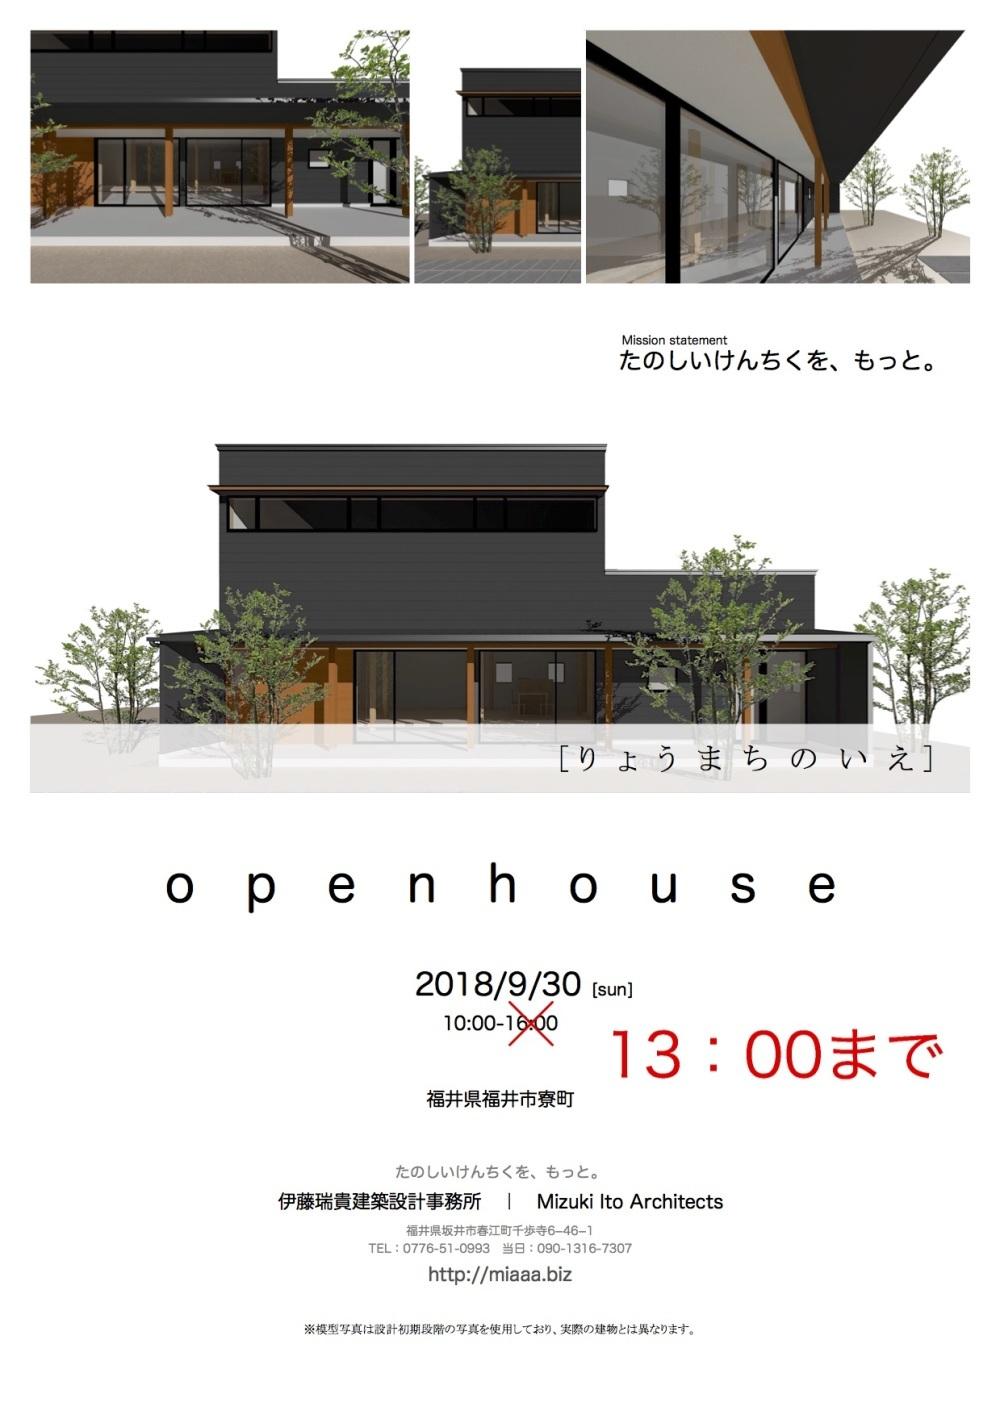 9/30(日)のオープンハウスは、台風接近のため、終了時刻を13時に変更させていただきます。_f0165030_17202457.jpg